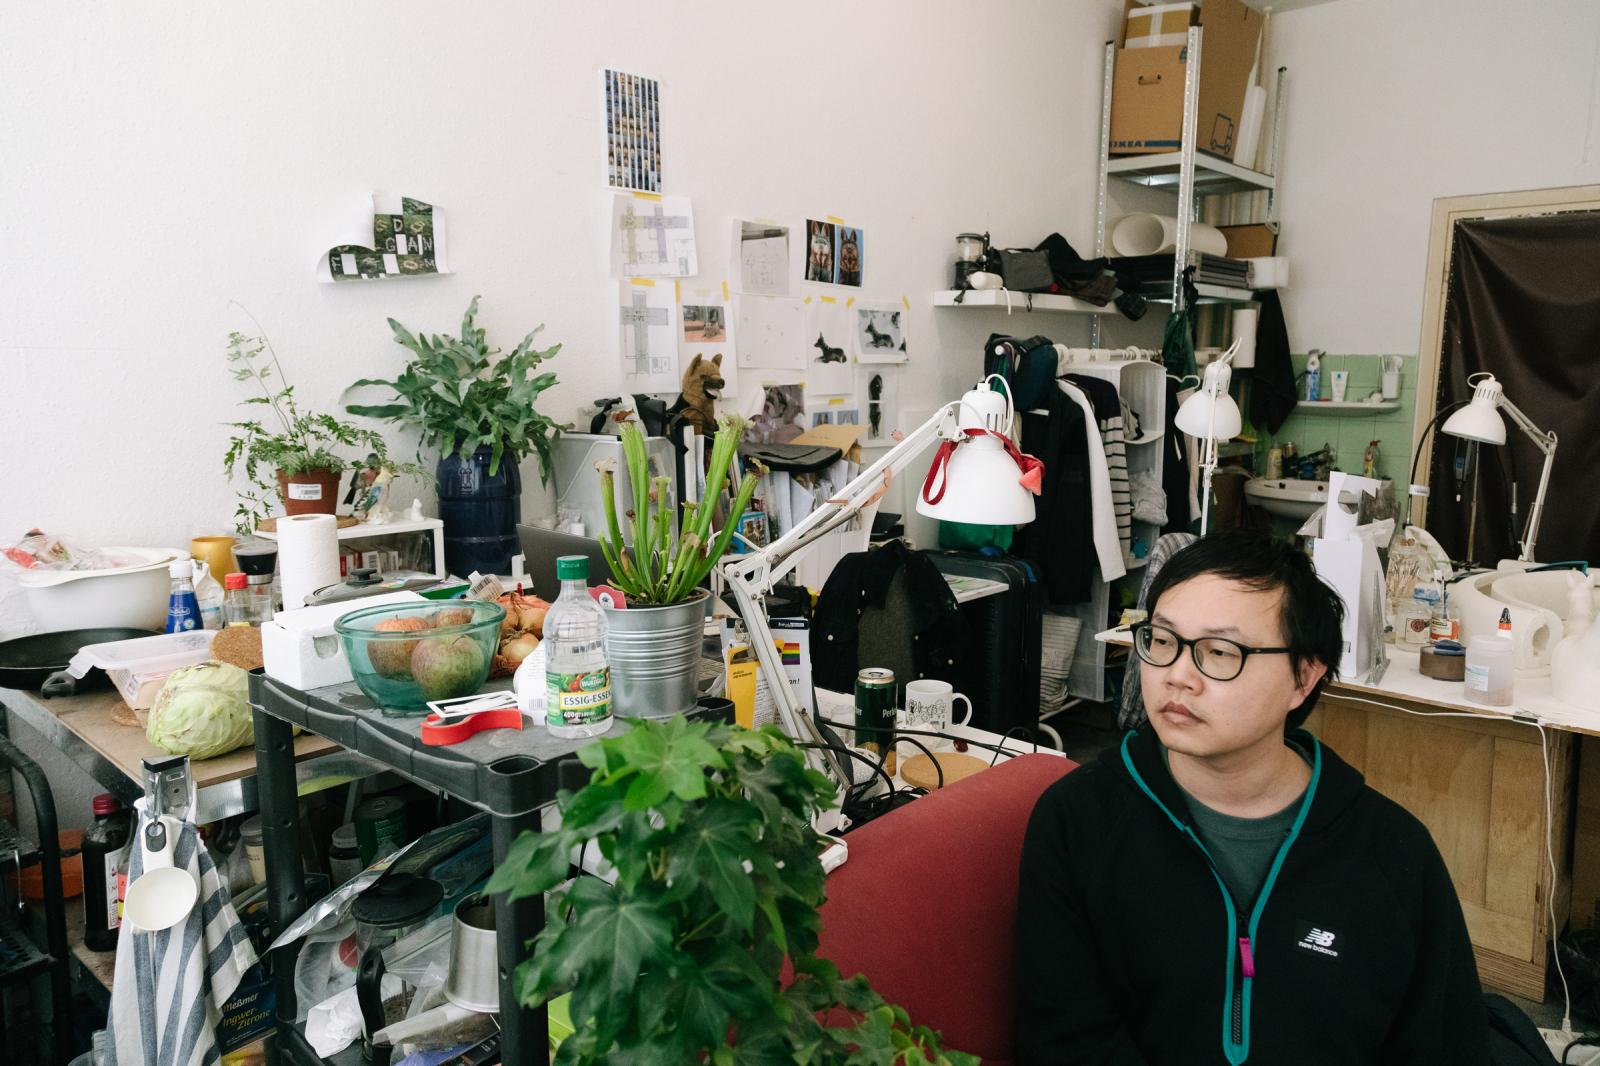 亂有才華的|買它,就是喜歡它不好的一面——專訪藝術家吳權倫